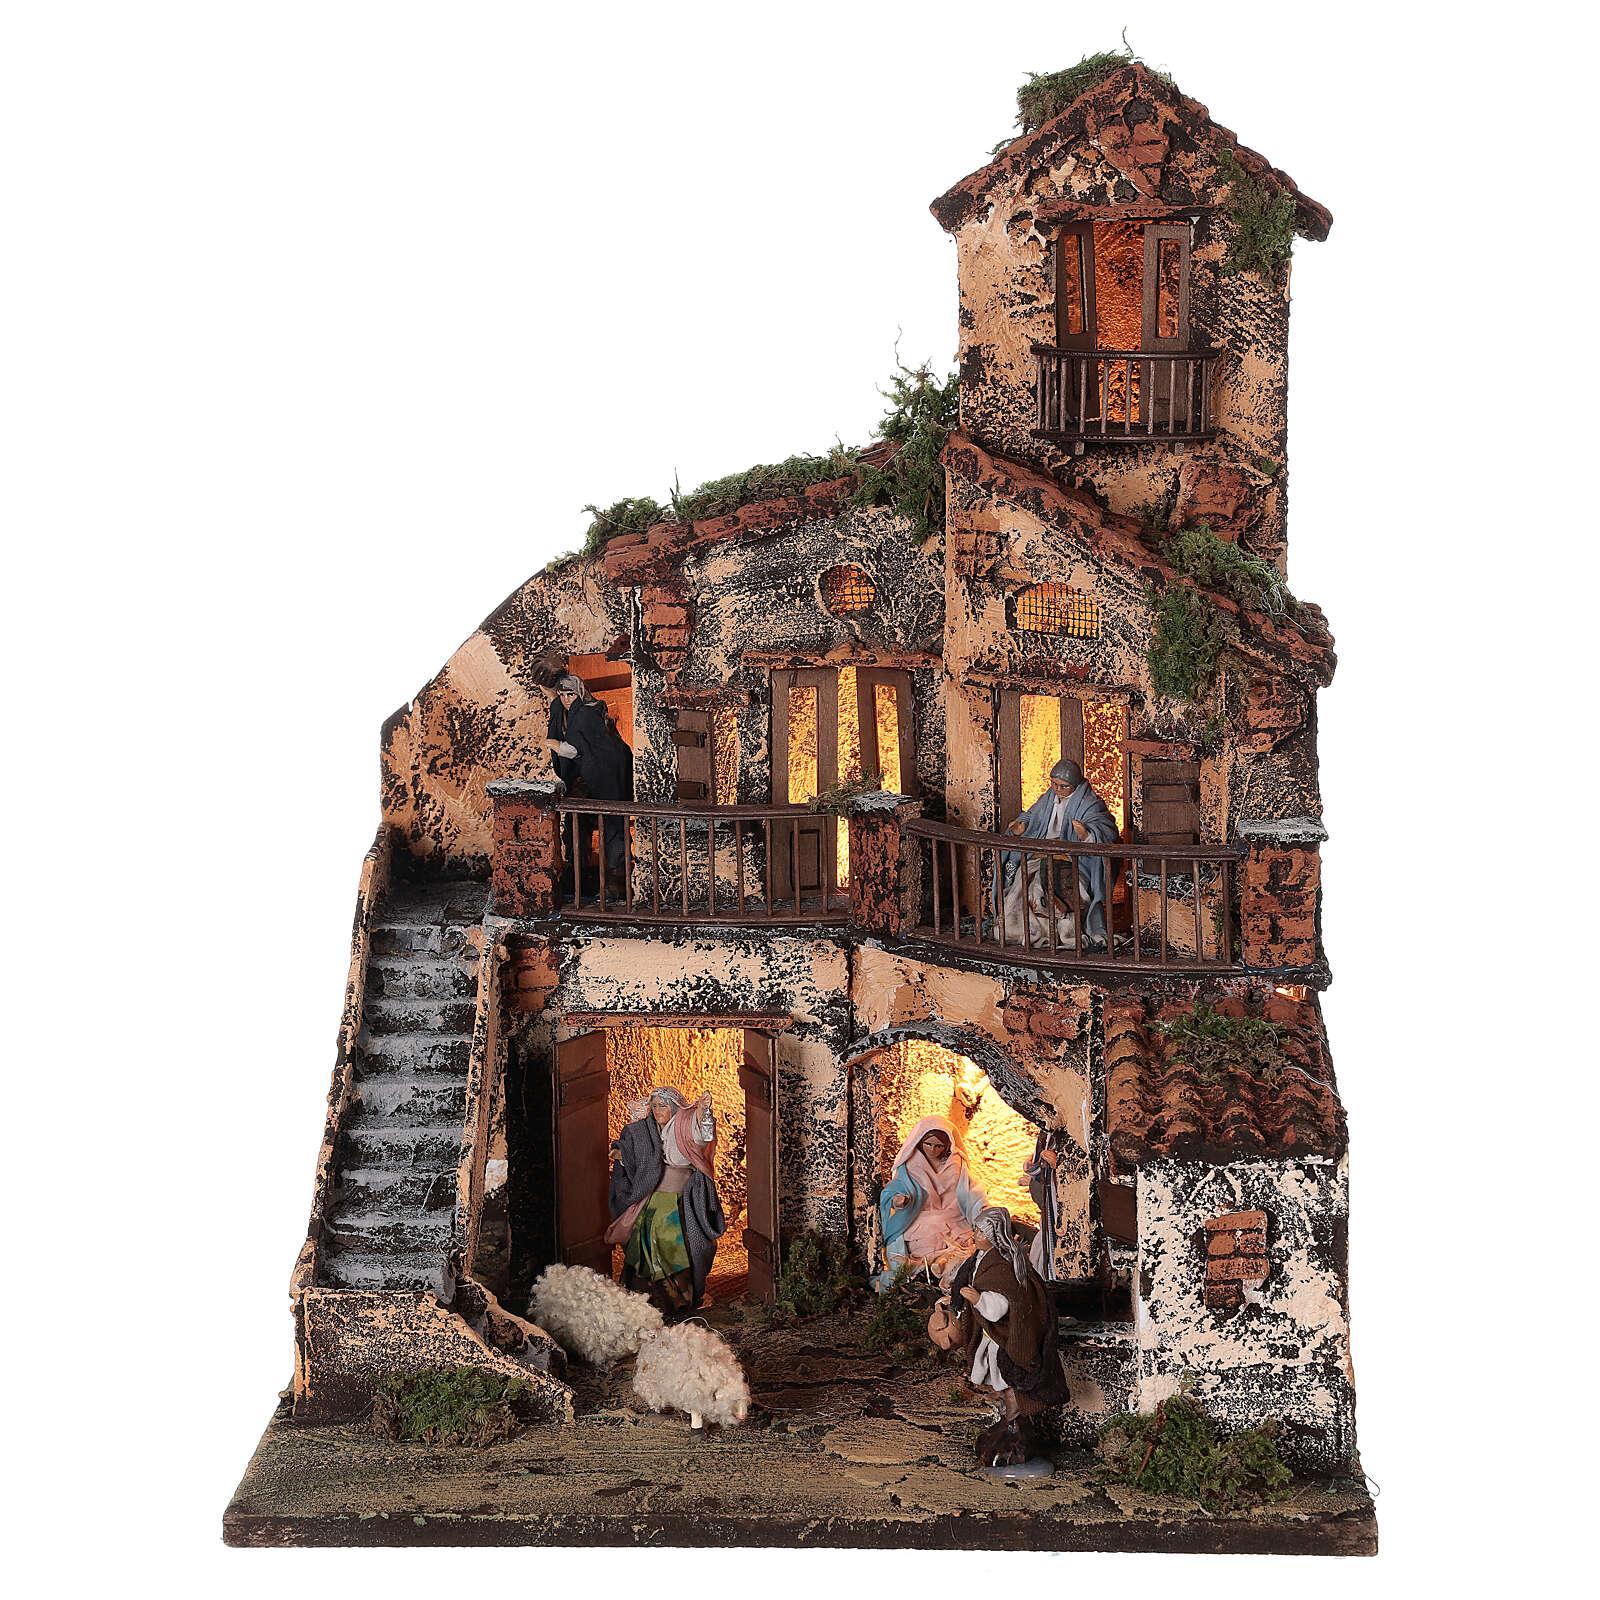 Presepe completo luci fontana tre piani napoletano 40x40x30 statue 8 cm 4